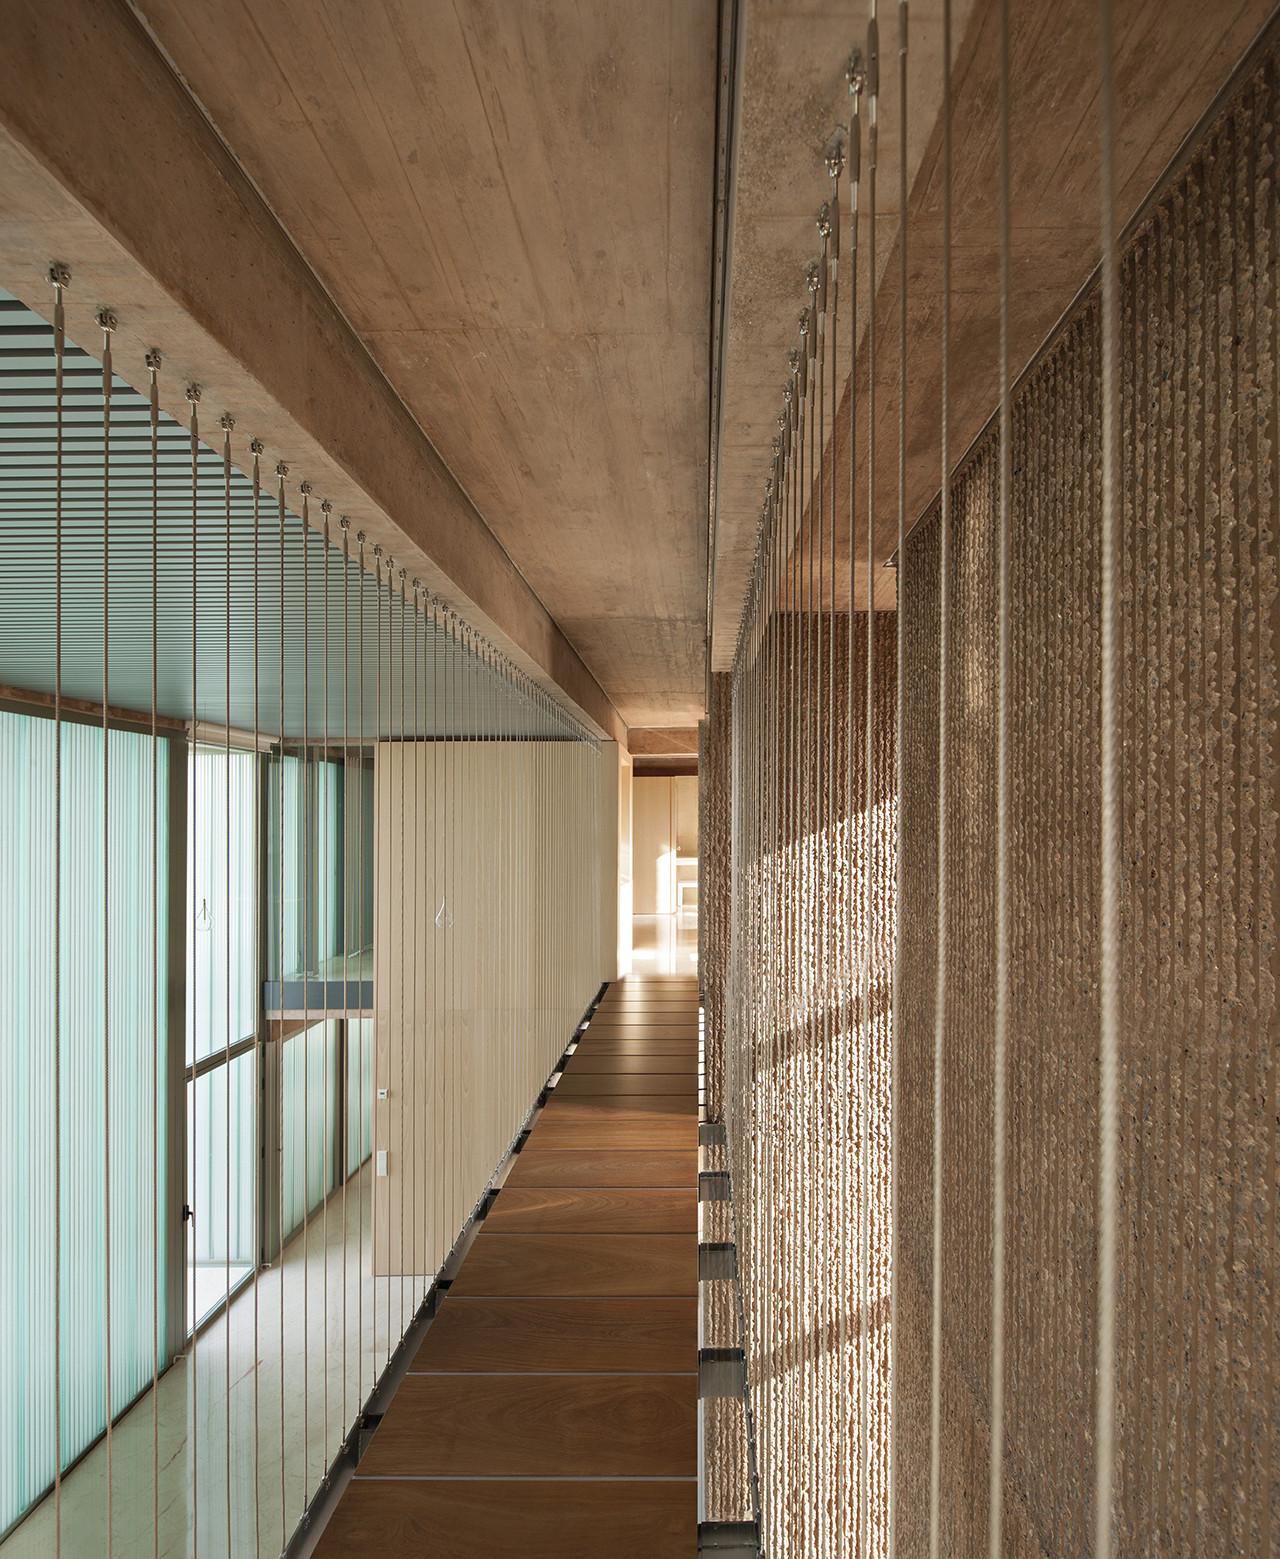 Gallery of fuensanta house muka arquitectura 16 - Muka arquitectura ...